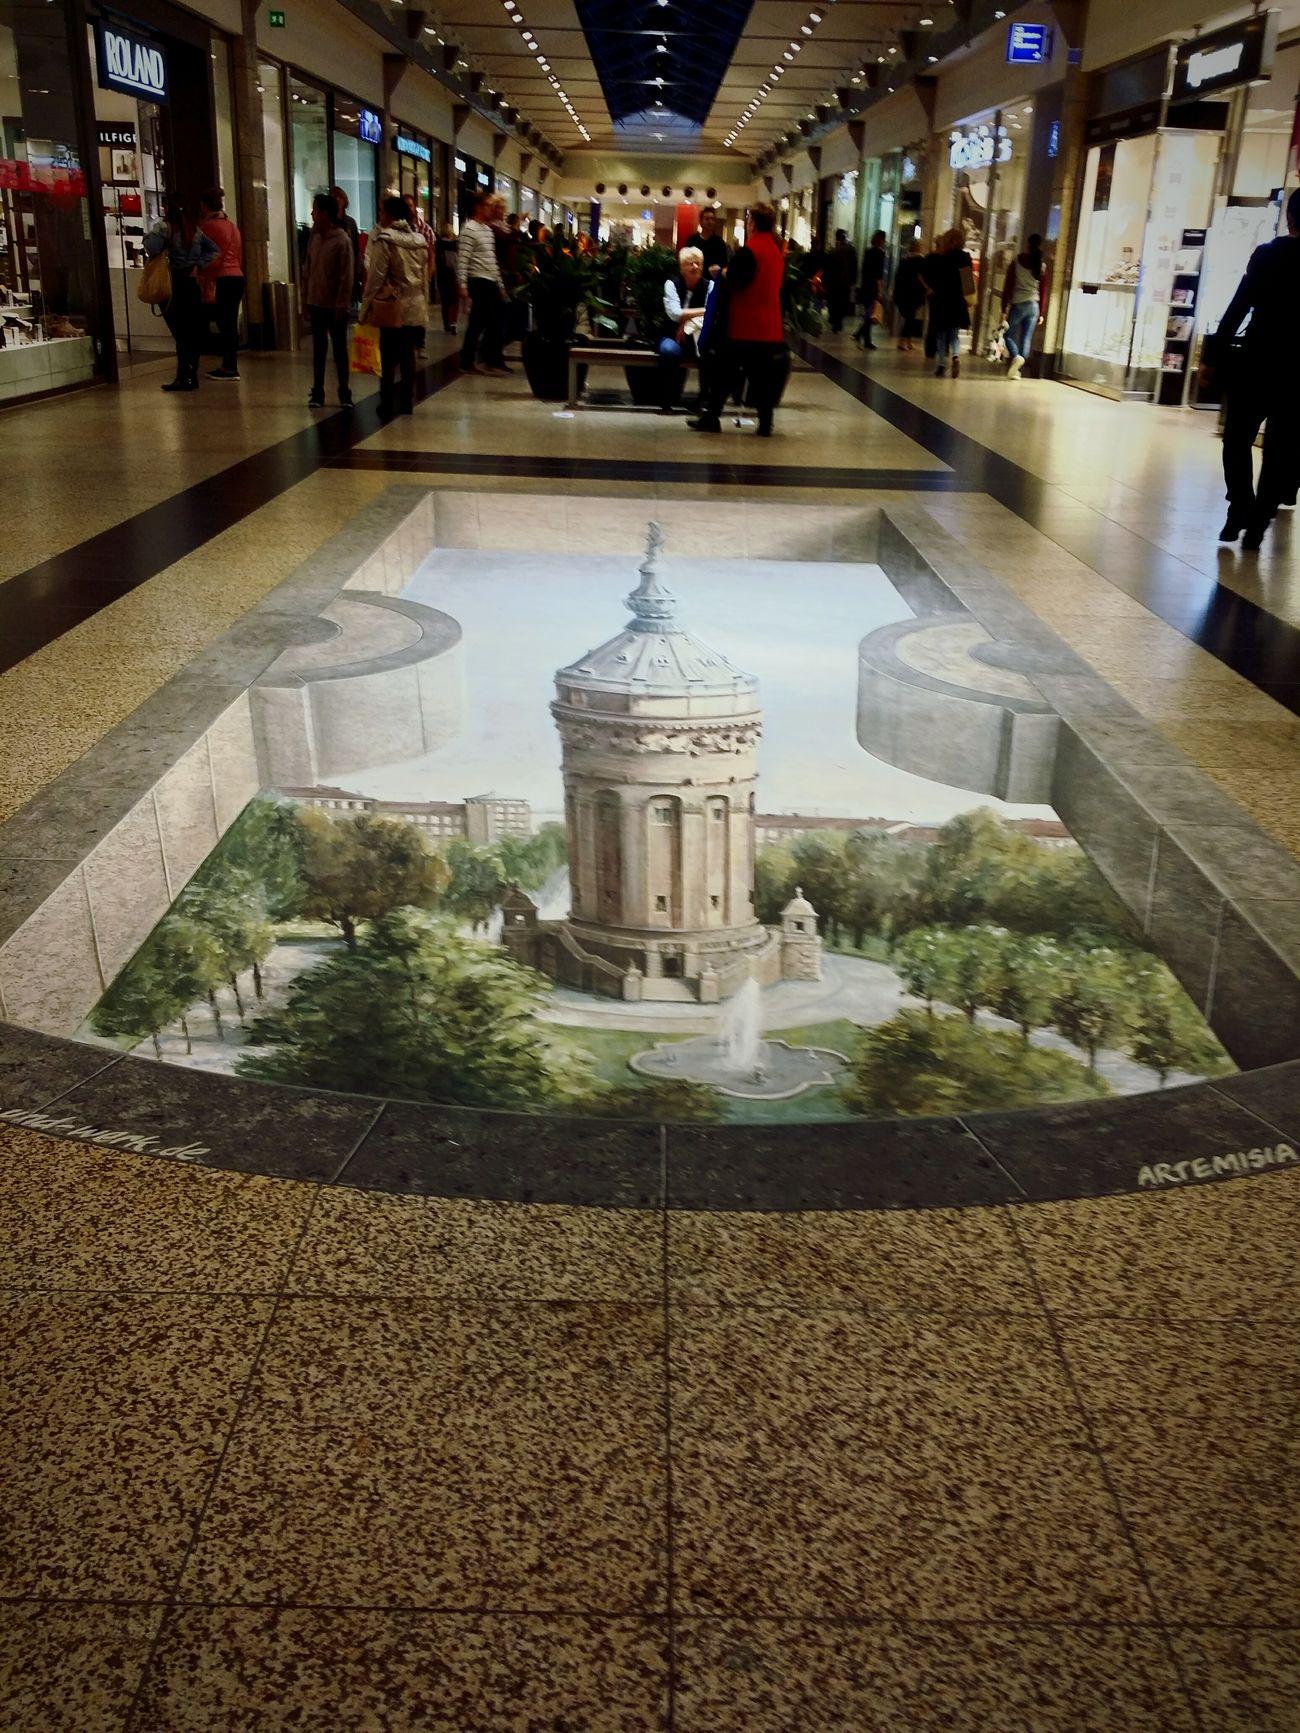 Im Rhein-Neckar-Zentrum malen sie auf den Boden. Streetart Painting Shopping Mall Mall